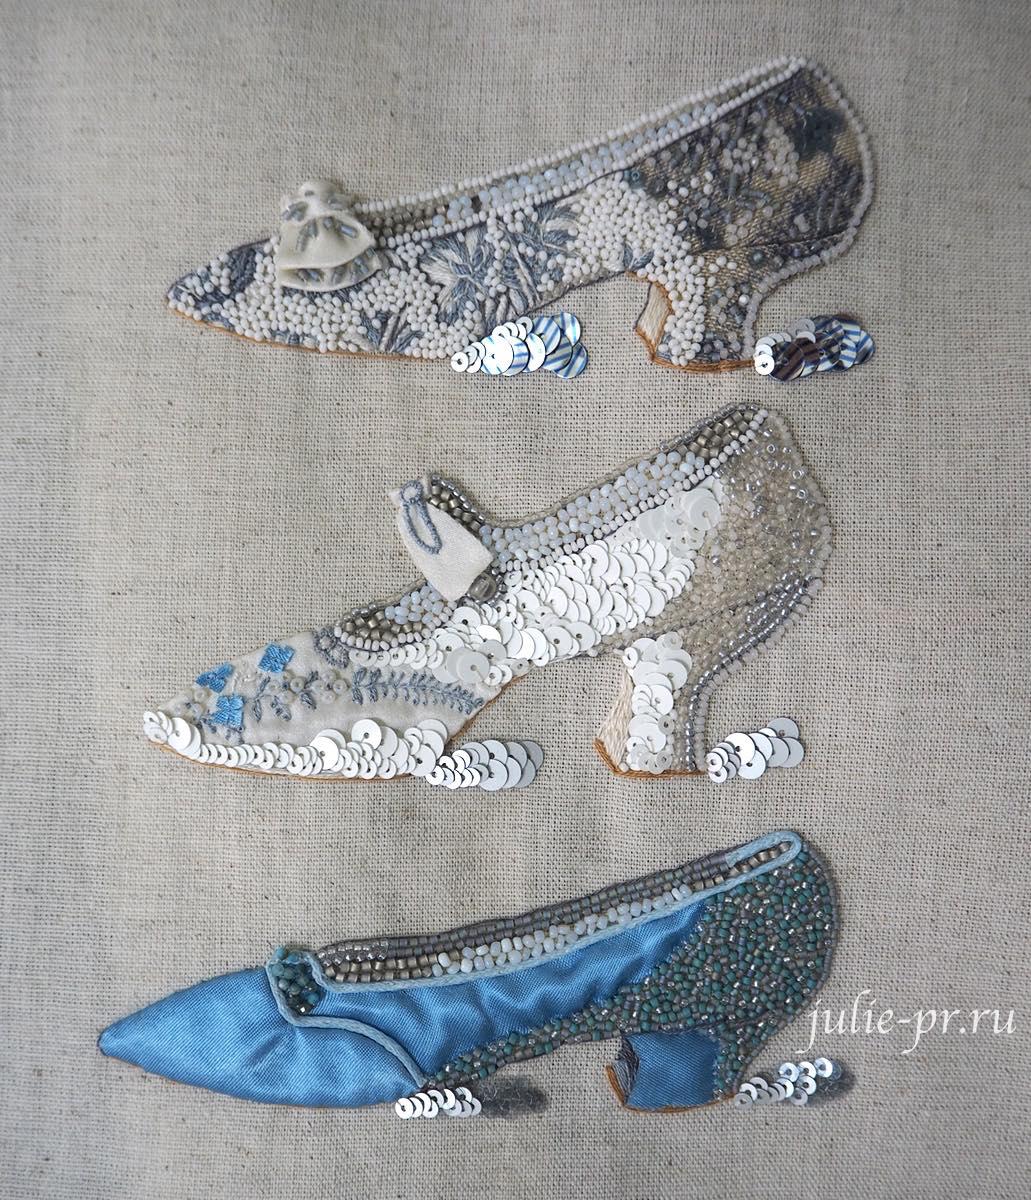 Туфельки, Катерина Мороз, кутюрная вышивка, вышивка бисером, вышивка пайетками